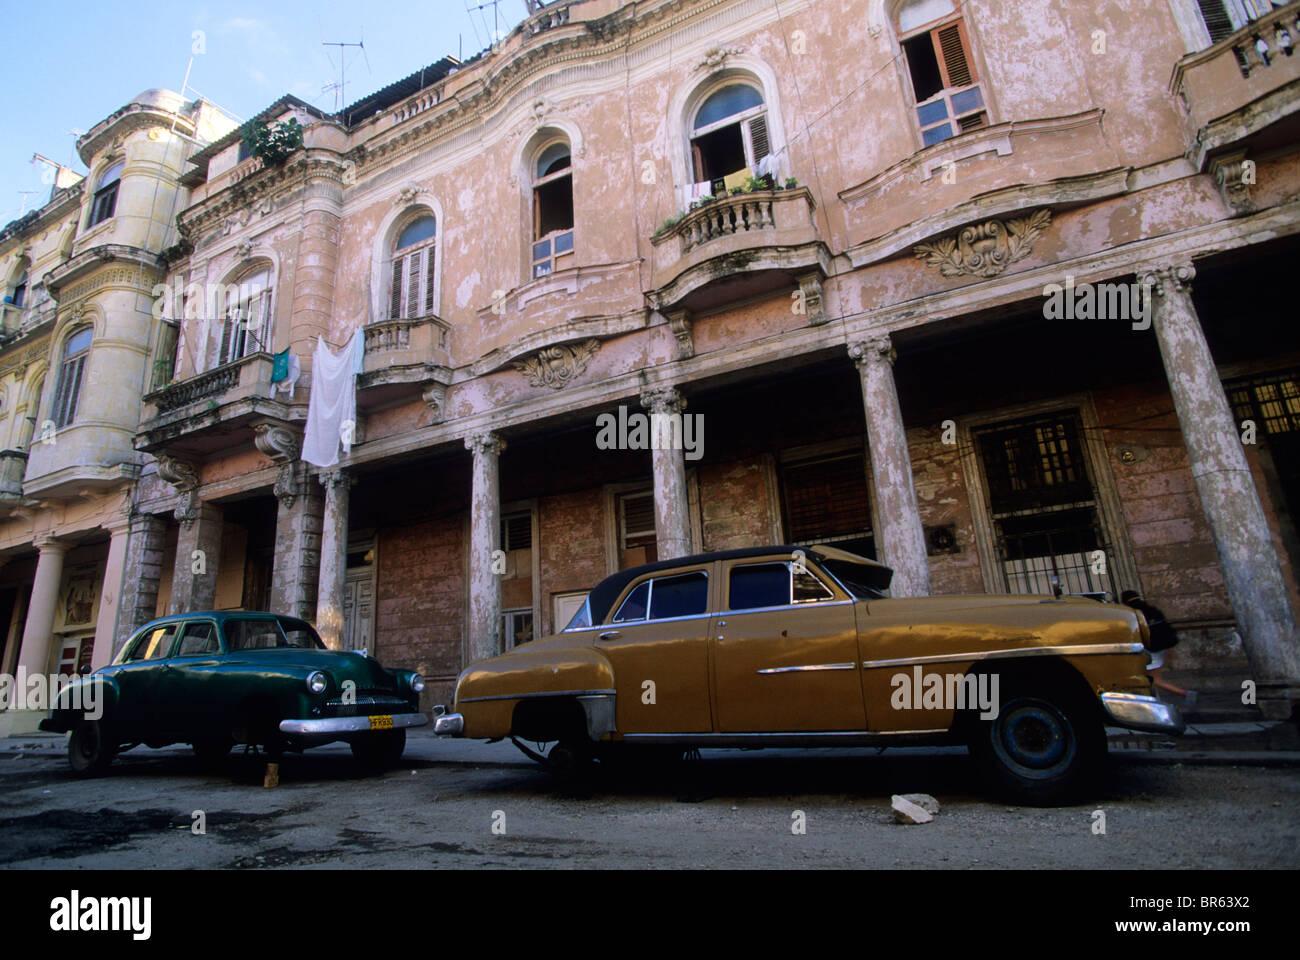 Vintage American cars on blocks below colonial era buildiings Havana Cuba - Stock Image